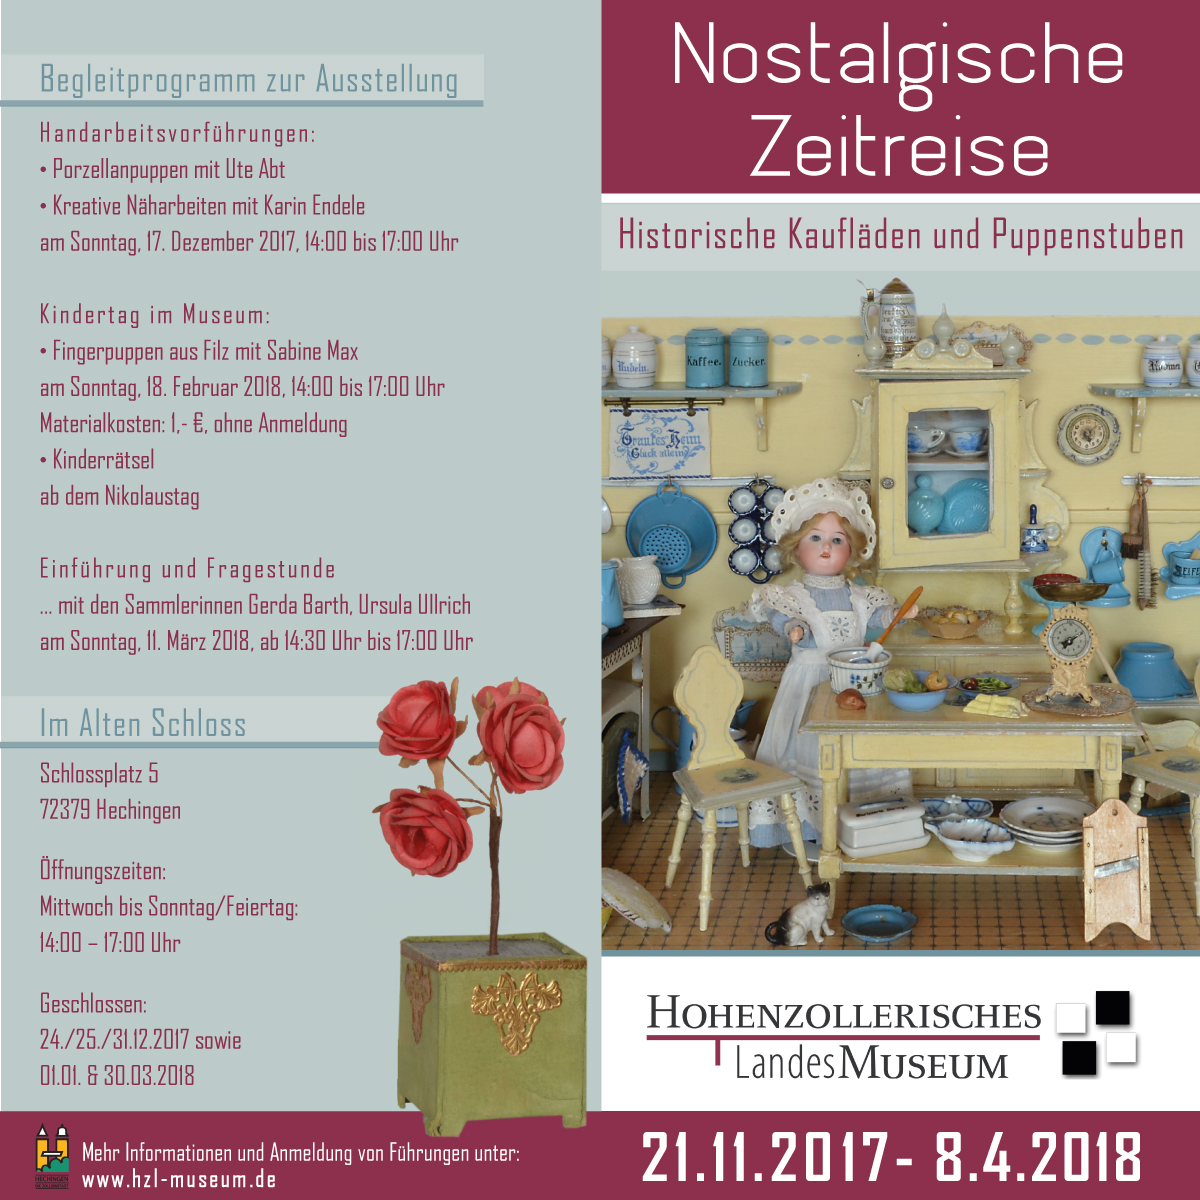 """Hohenzollerisches Landesmuseum - Sonderausstellung """"'Nostalgische Zeitreise"""""""